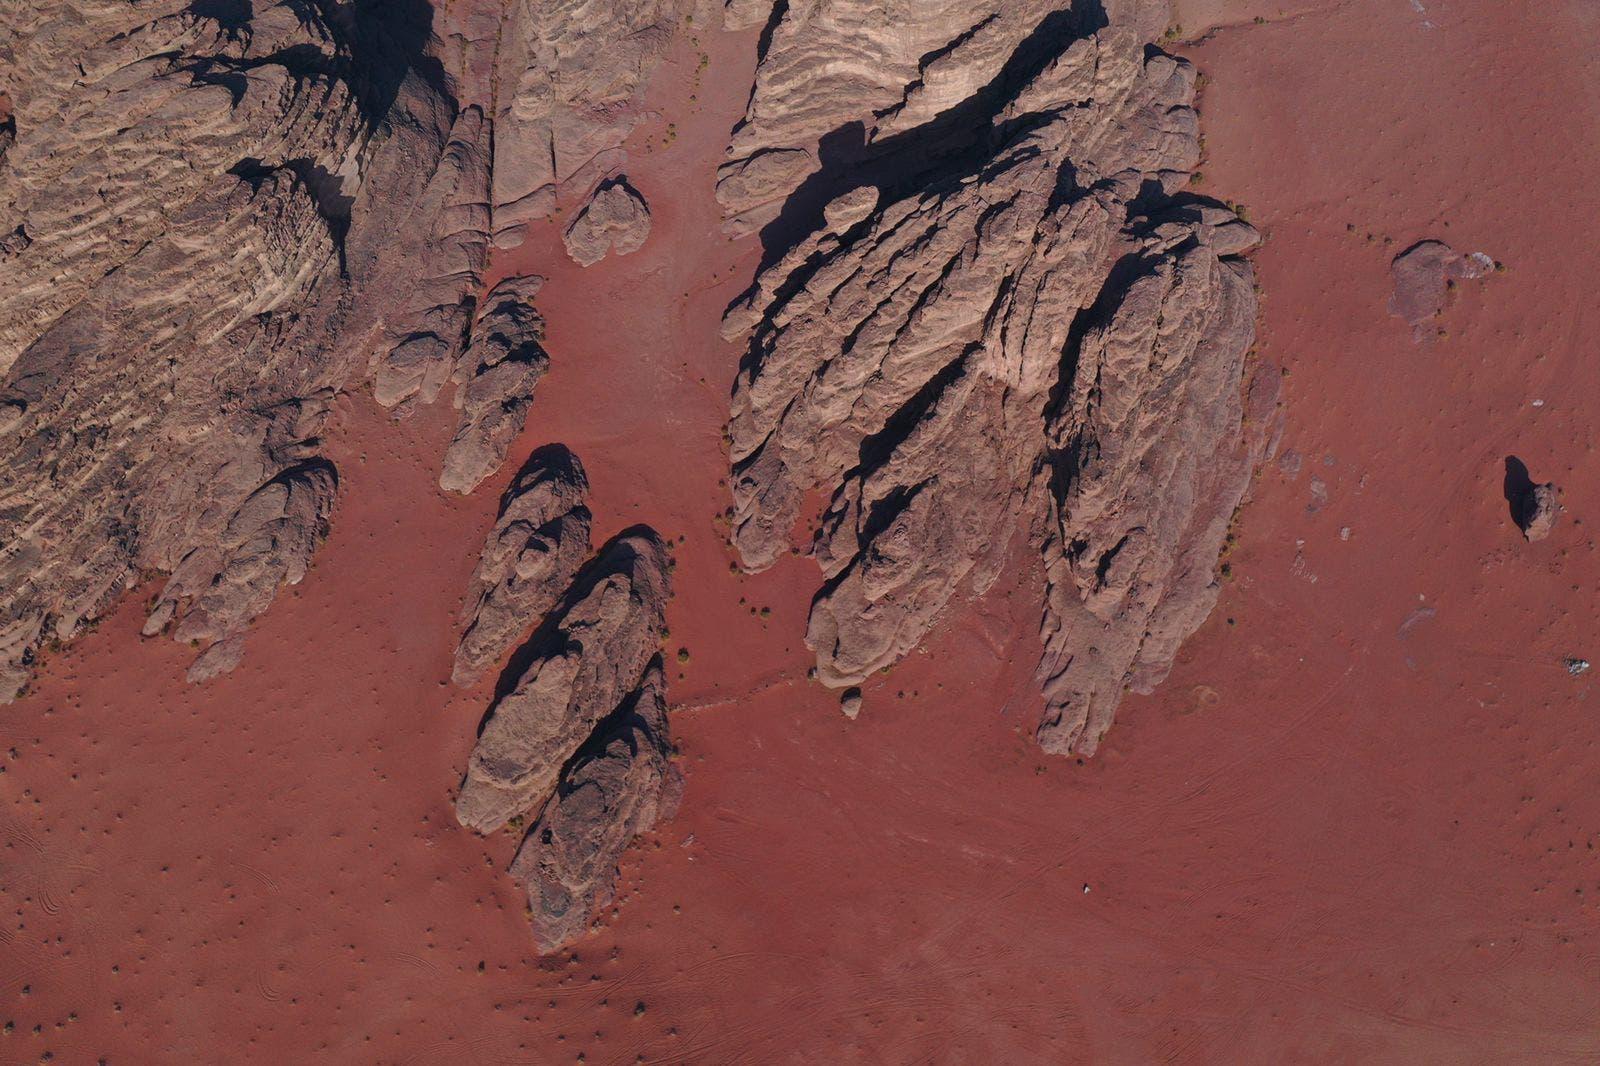 الرمال الحمراء بين جبال بجده